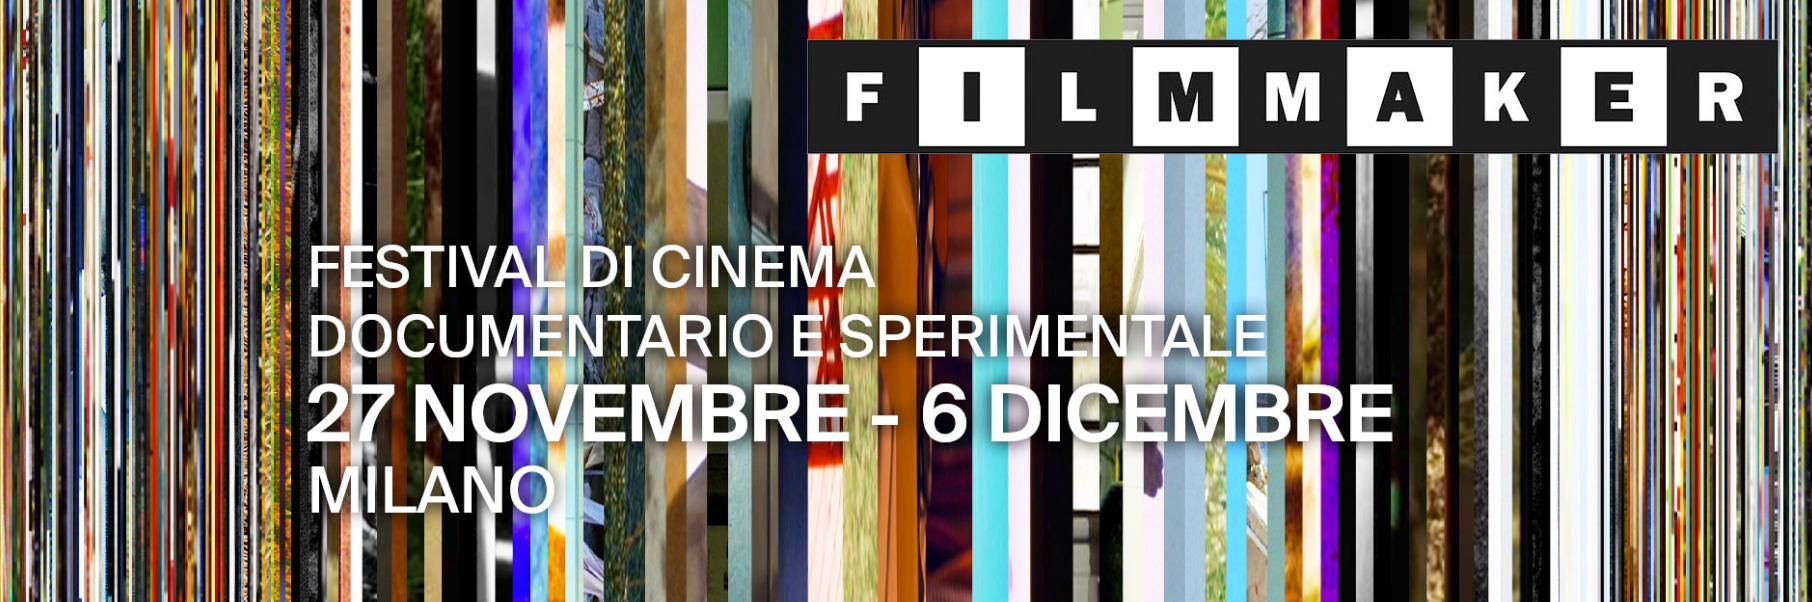 filmmaker 2020 festival